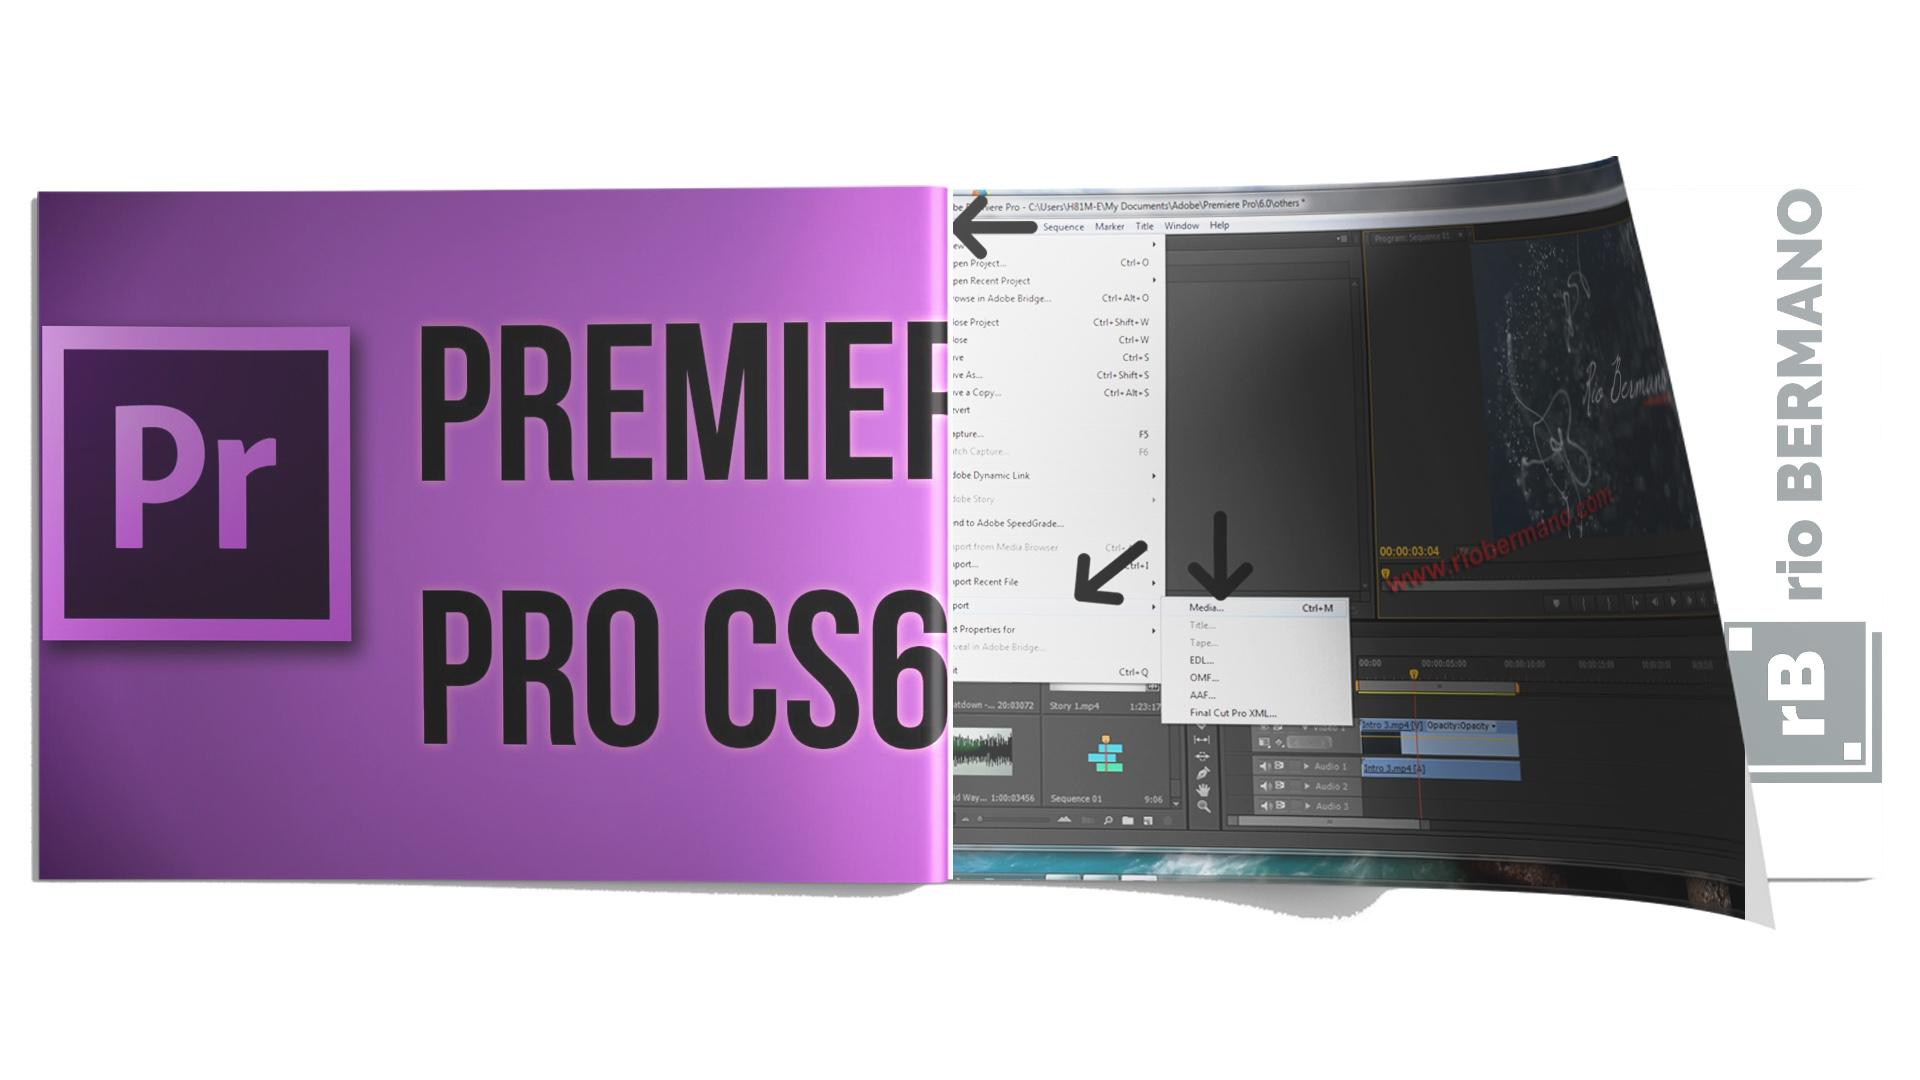 download adobe premiere pro cs 6 - rio bermano